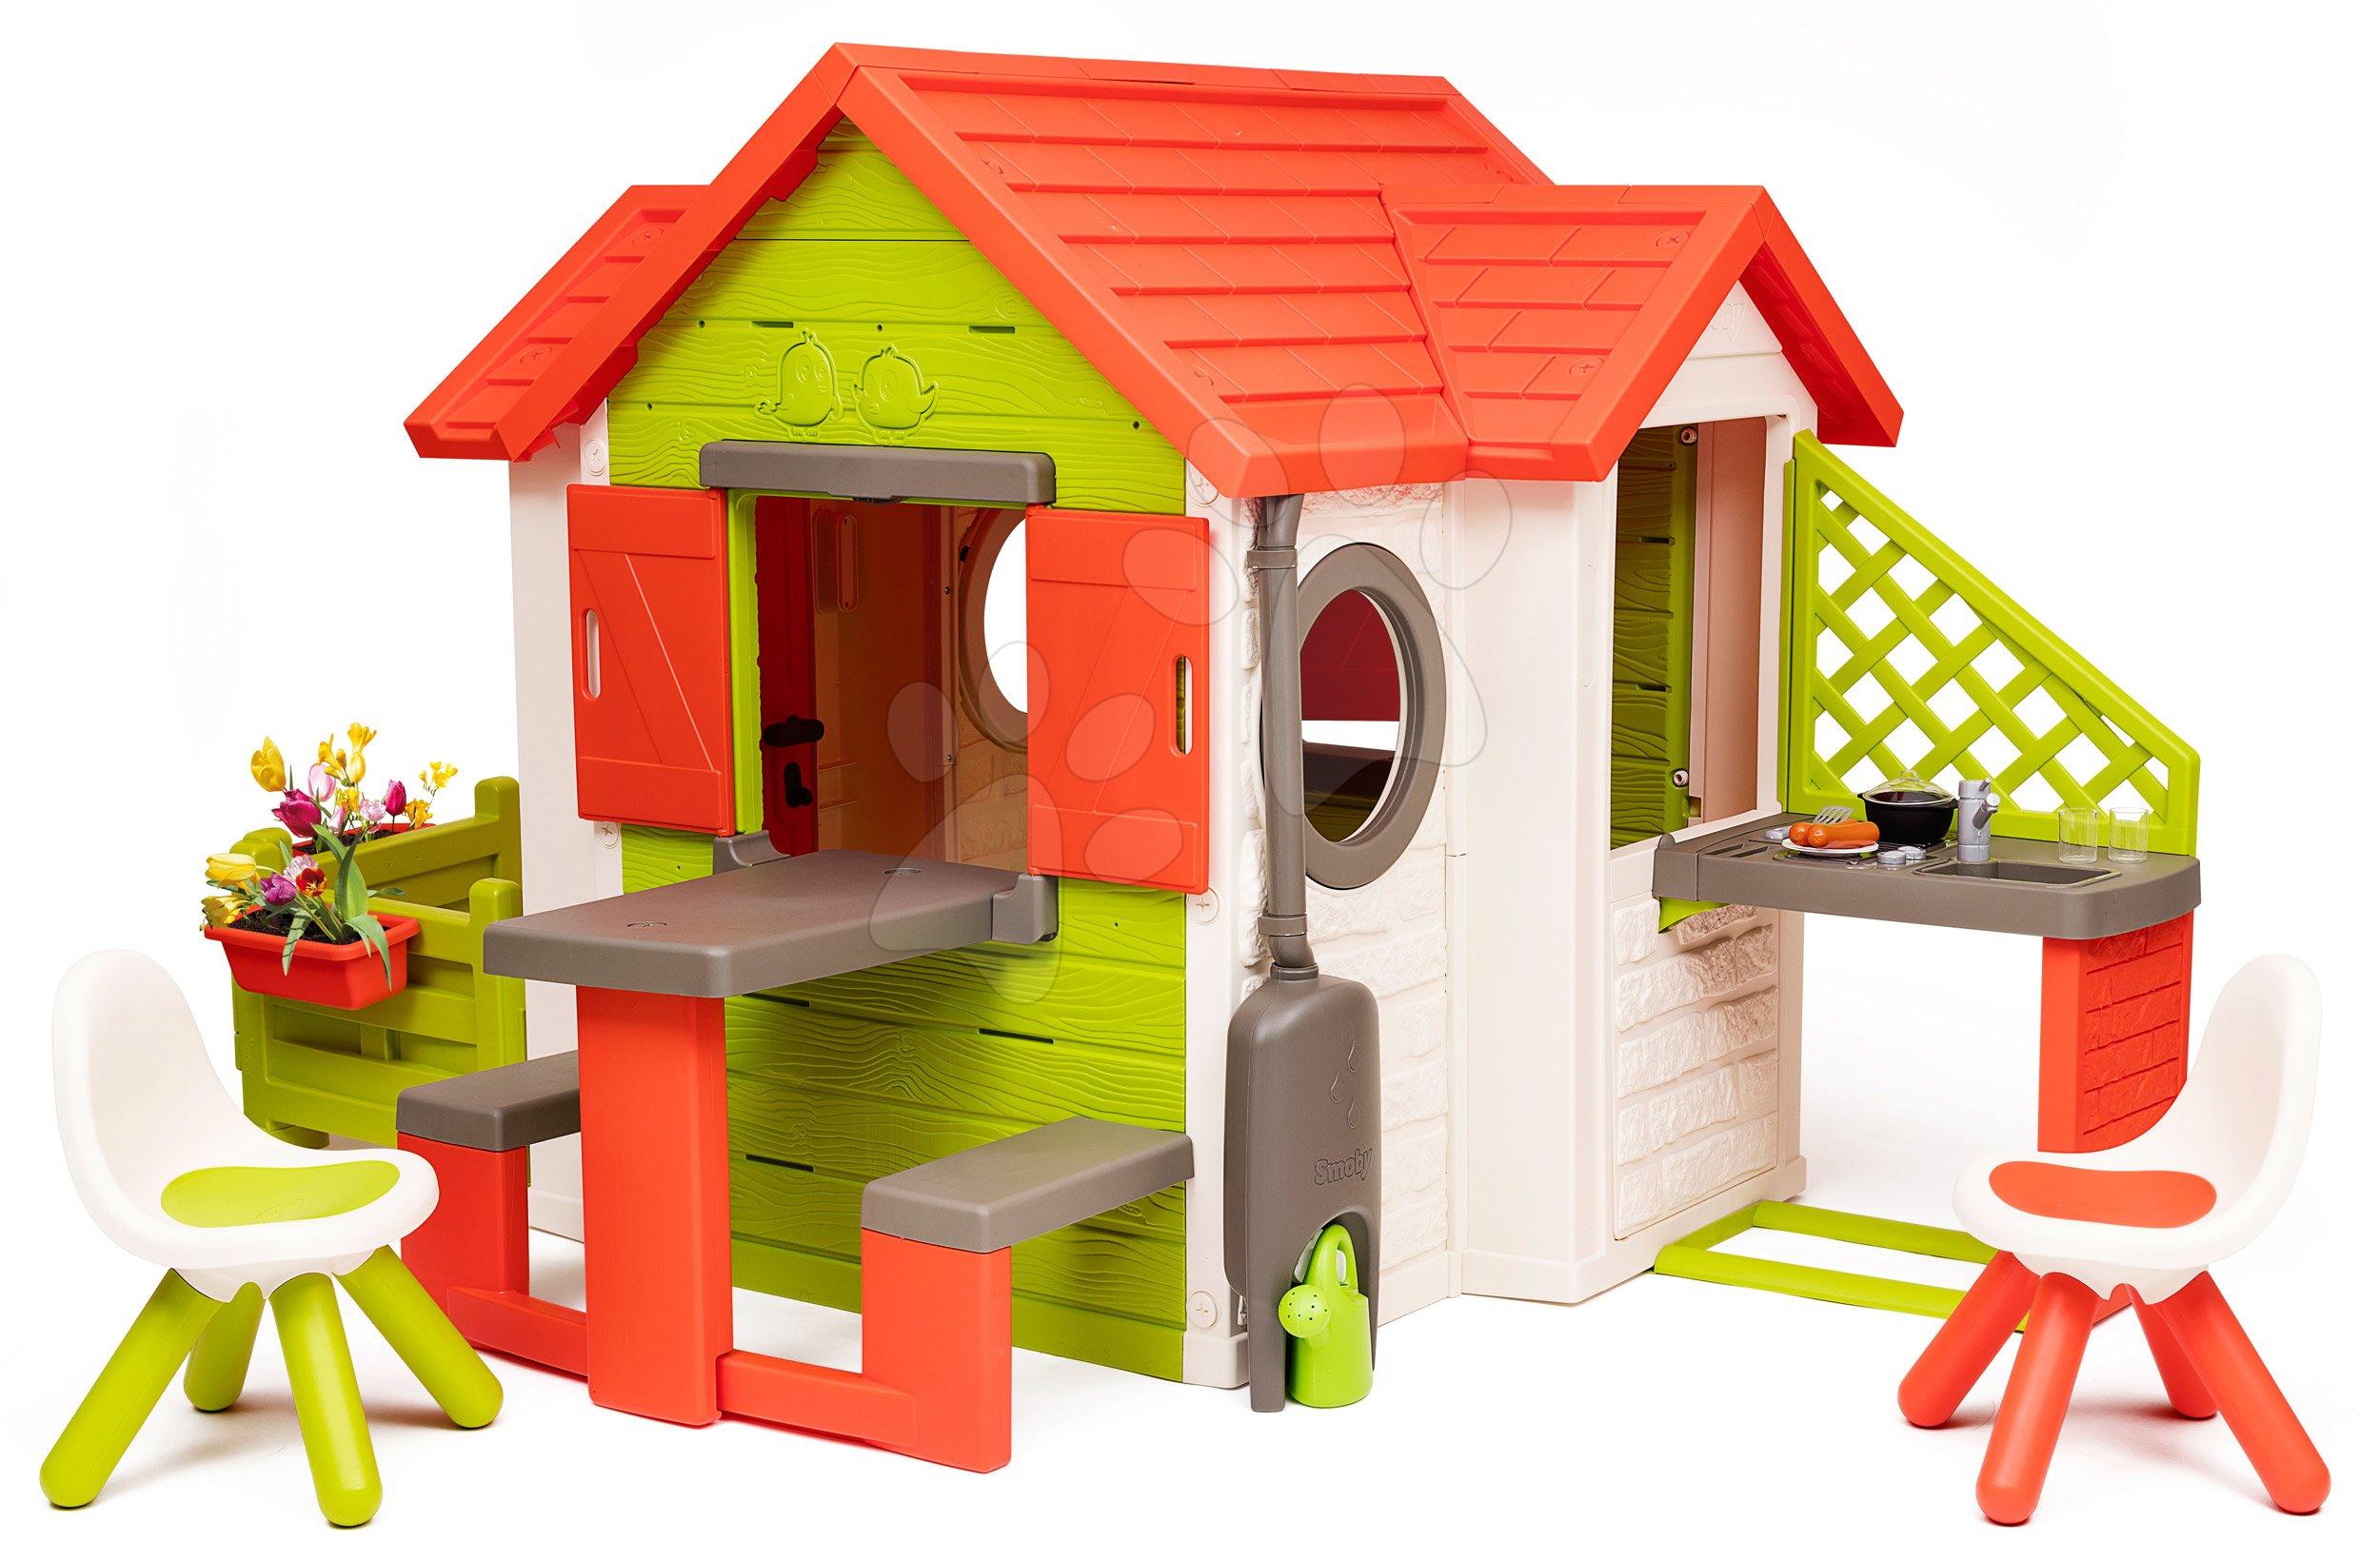 Domček My Neo House DeLuxe Smoby s nadstavbovým riešením a 2 stoličkami